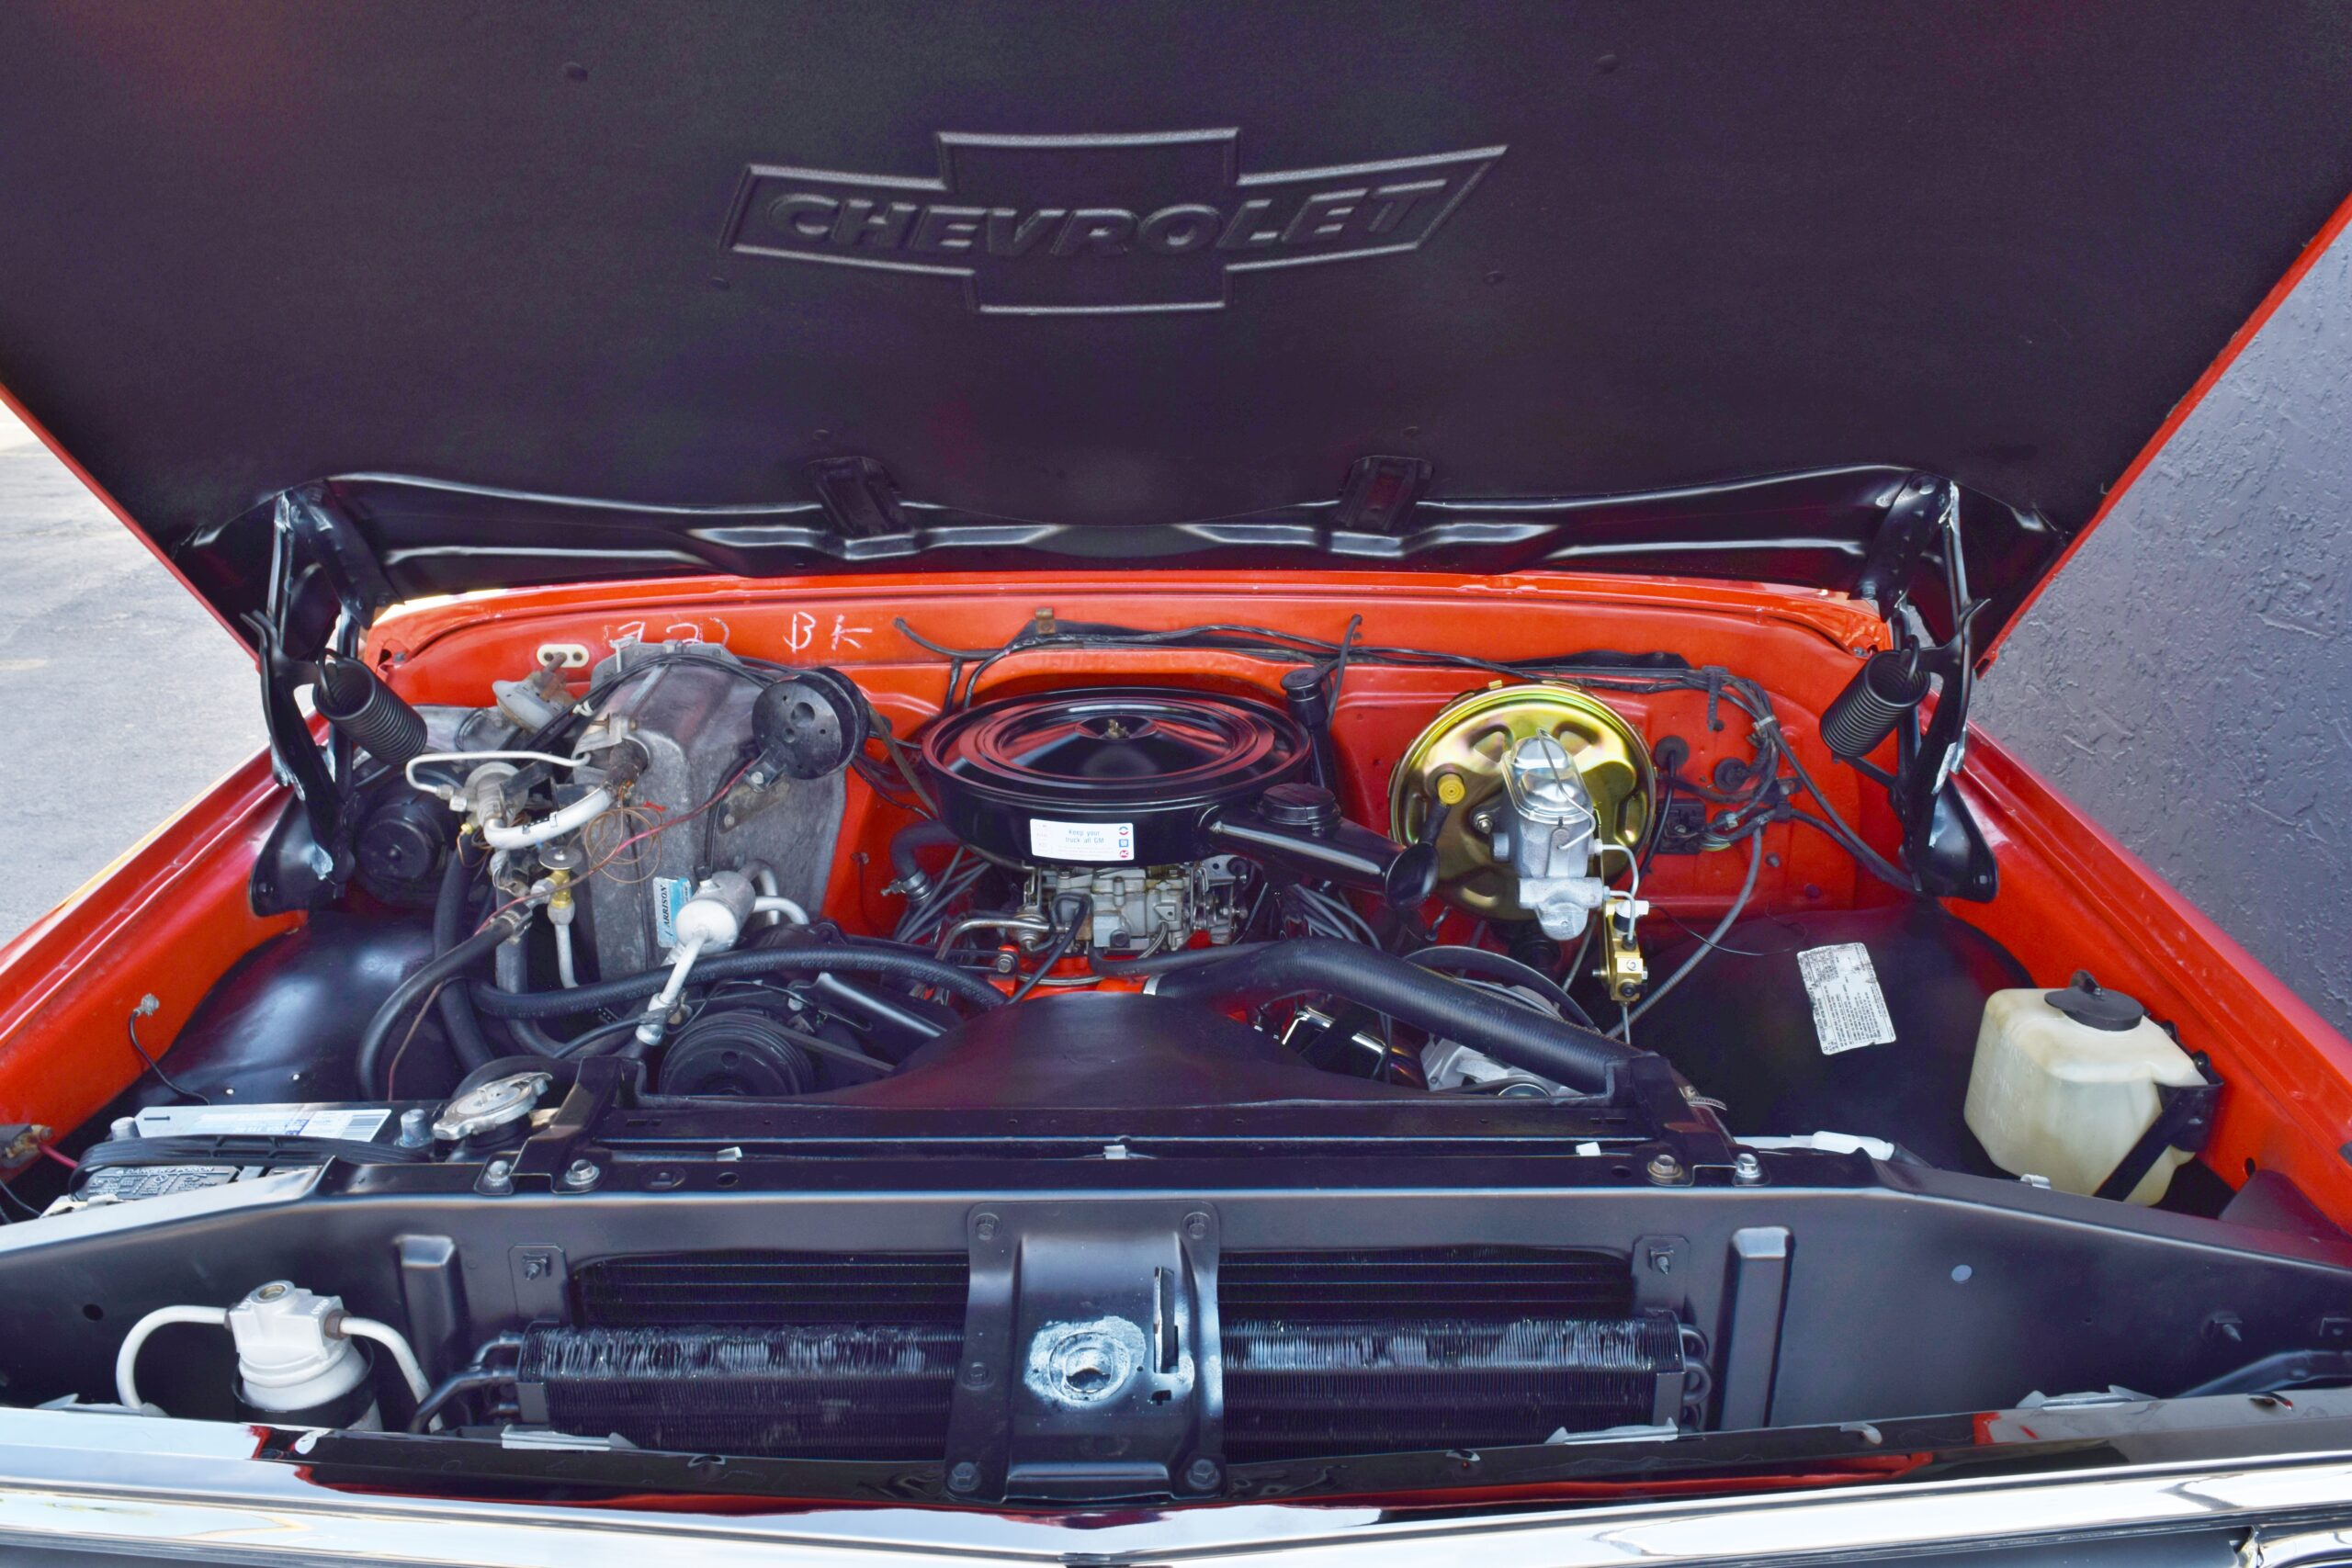 1972 Chevrolet Blazer K5 CST 27K ORIGINAL MILES- Frame Up Restoration – Original Buildsheet- Matching Numbers